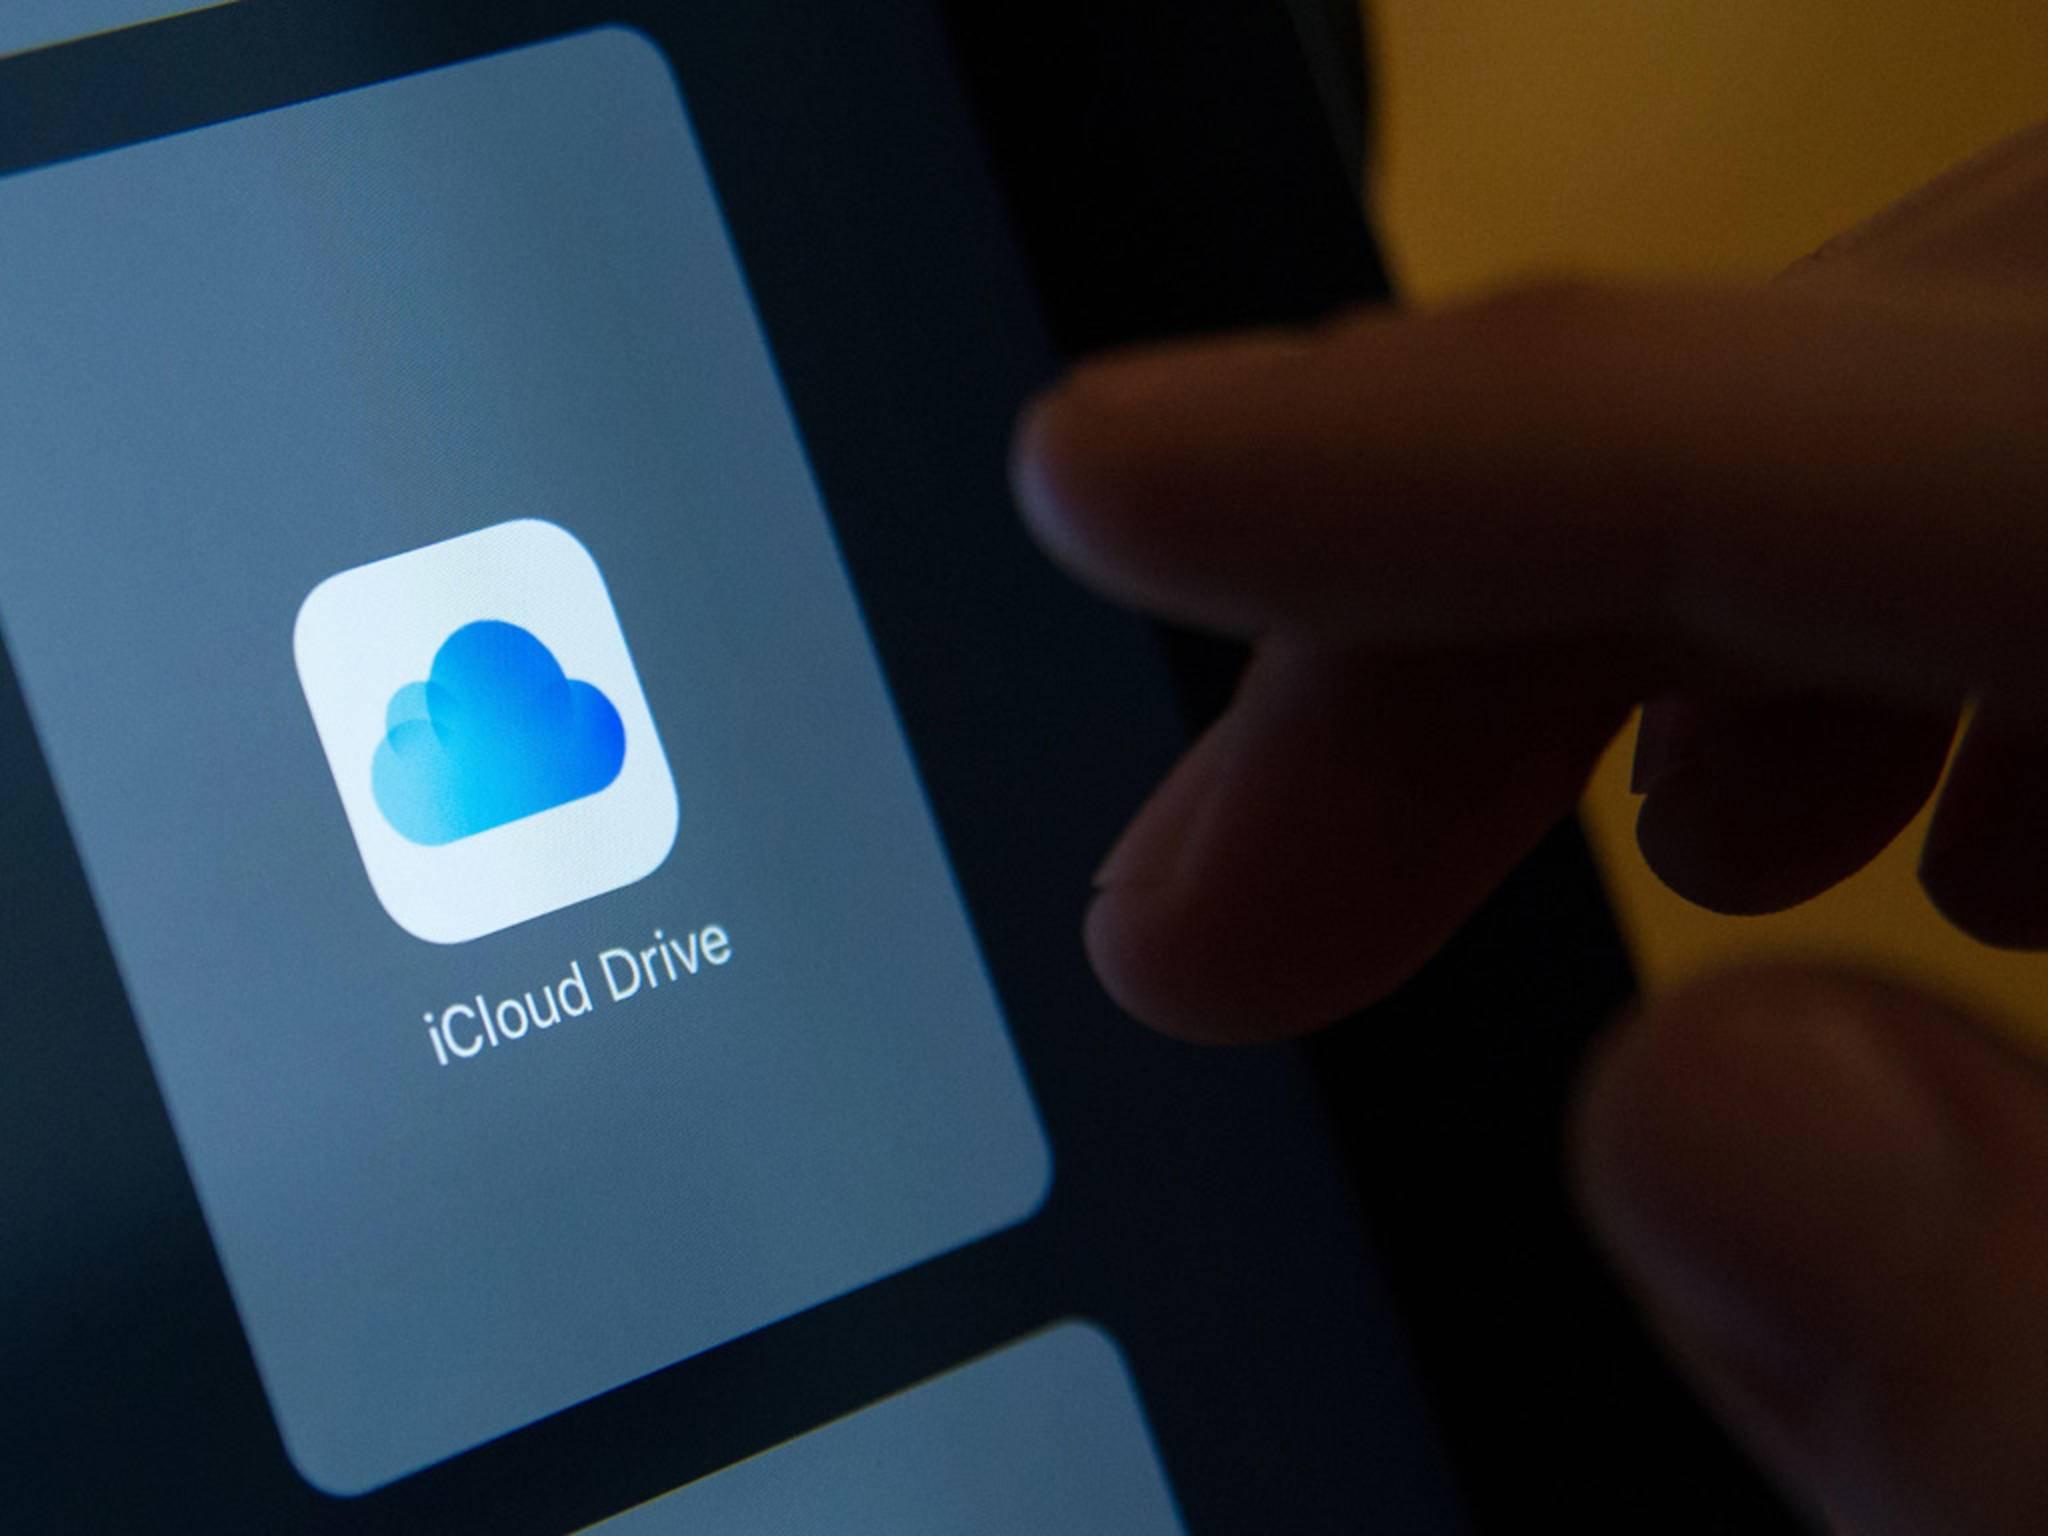 Viele Dateien lassen sich auch bequem in der iCloud abspeichern und sparen dadurch Platz.